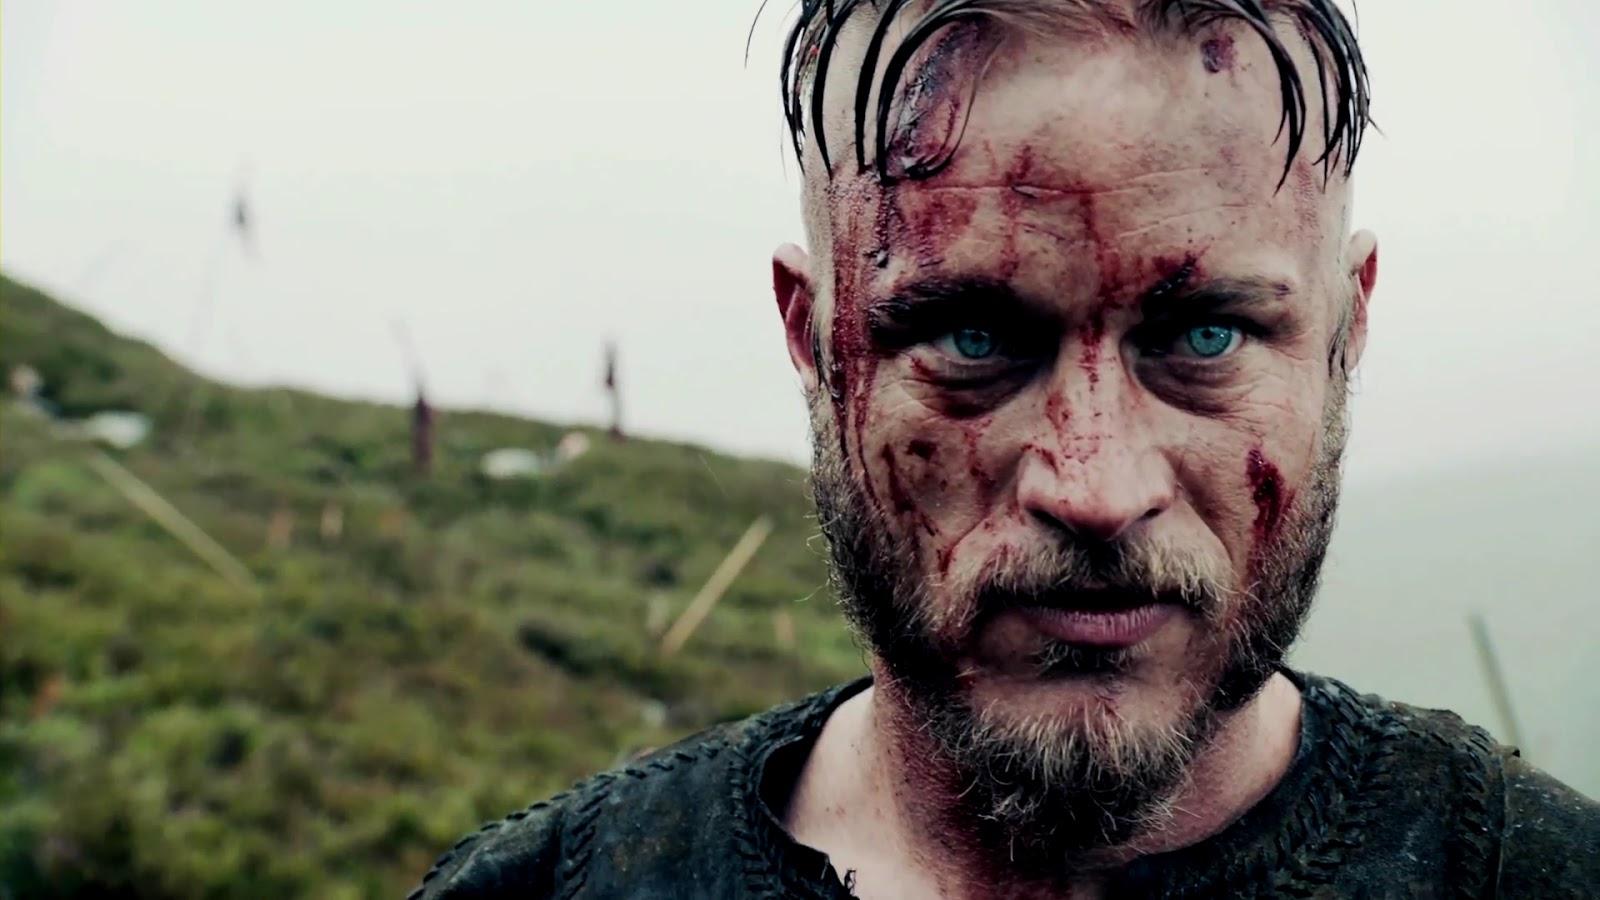 https://spideoseries.files.wordpress.com/2013/09/official-vikings-sneak-peek1080p_h-264-aac-mp4_000017308.jpg